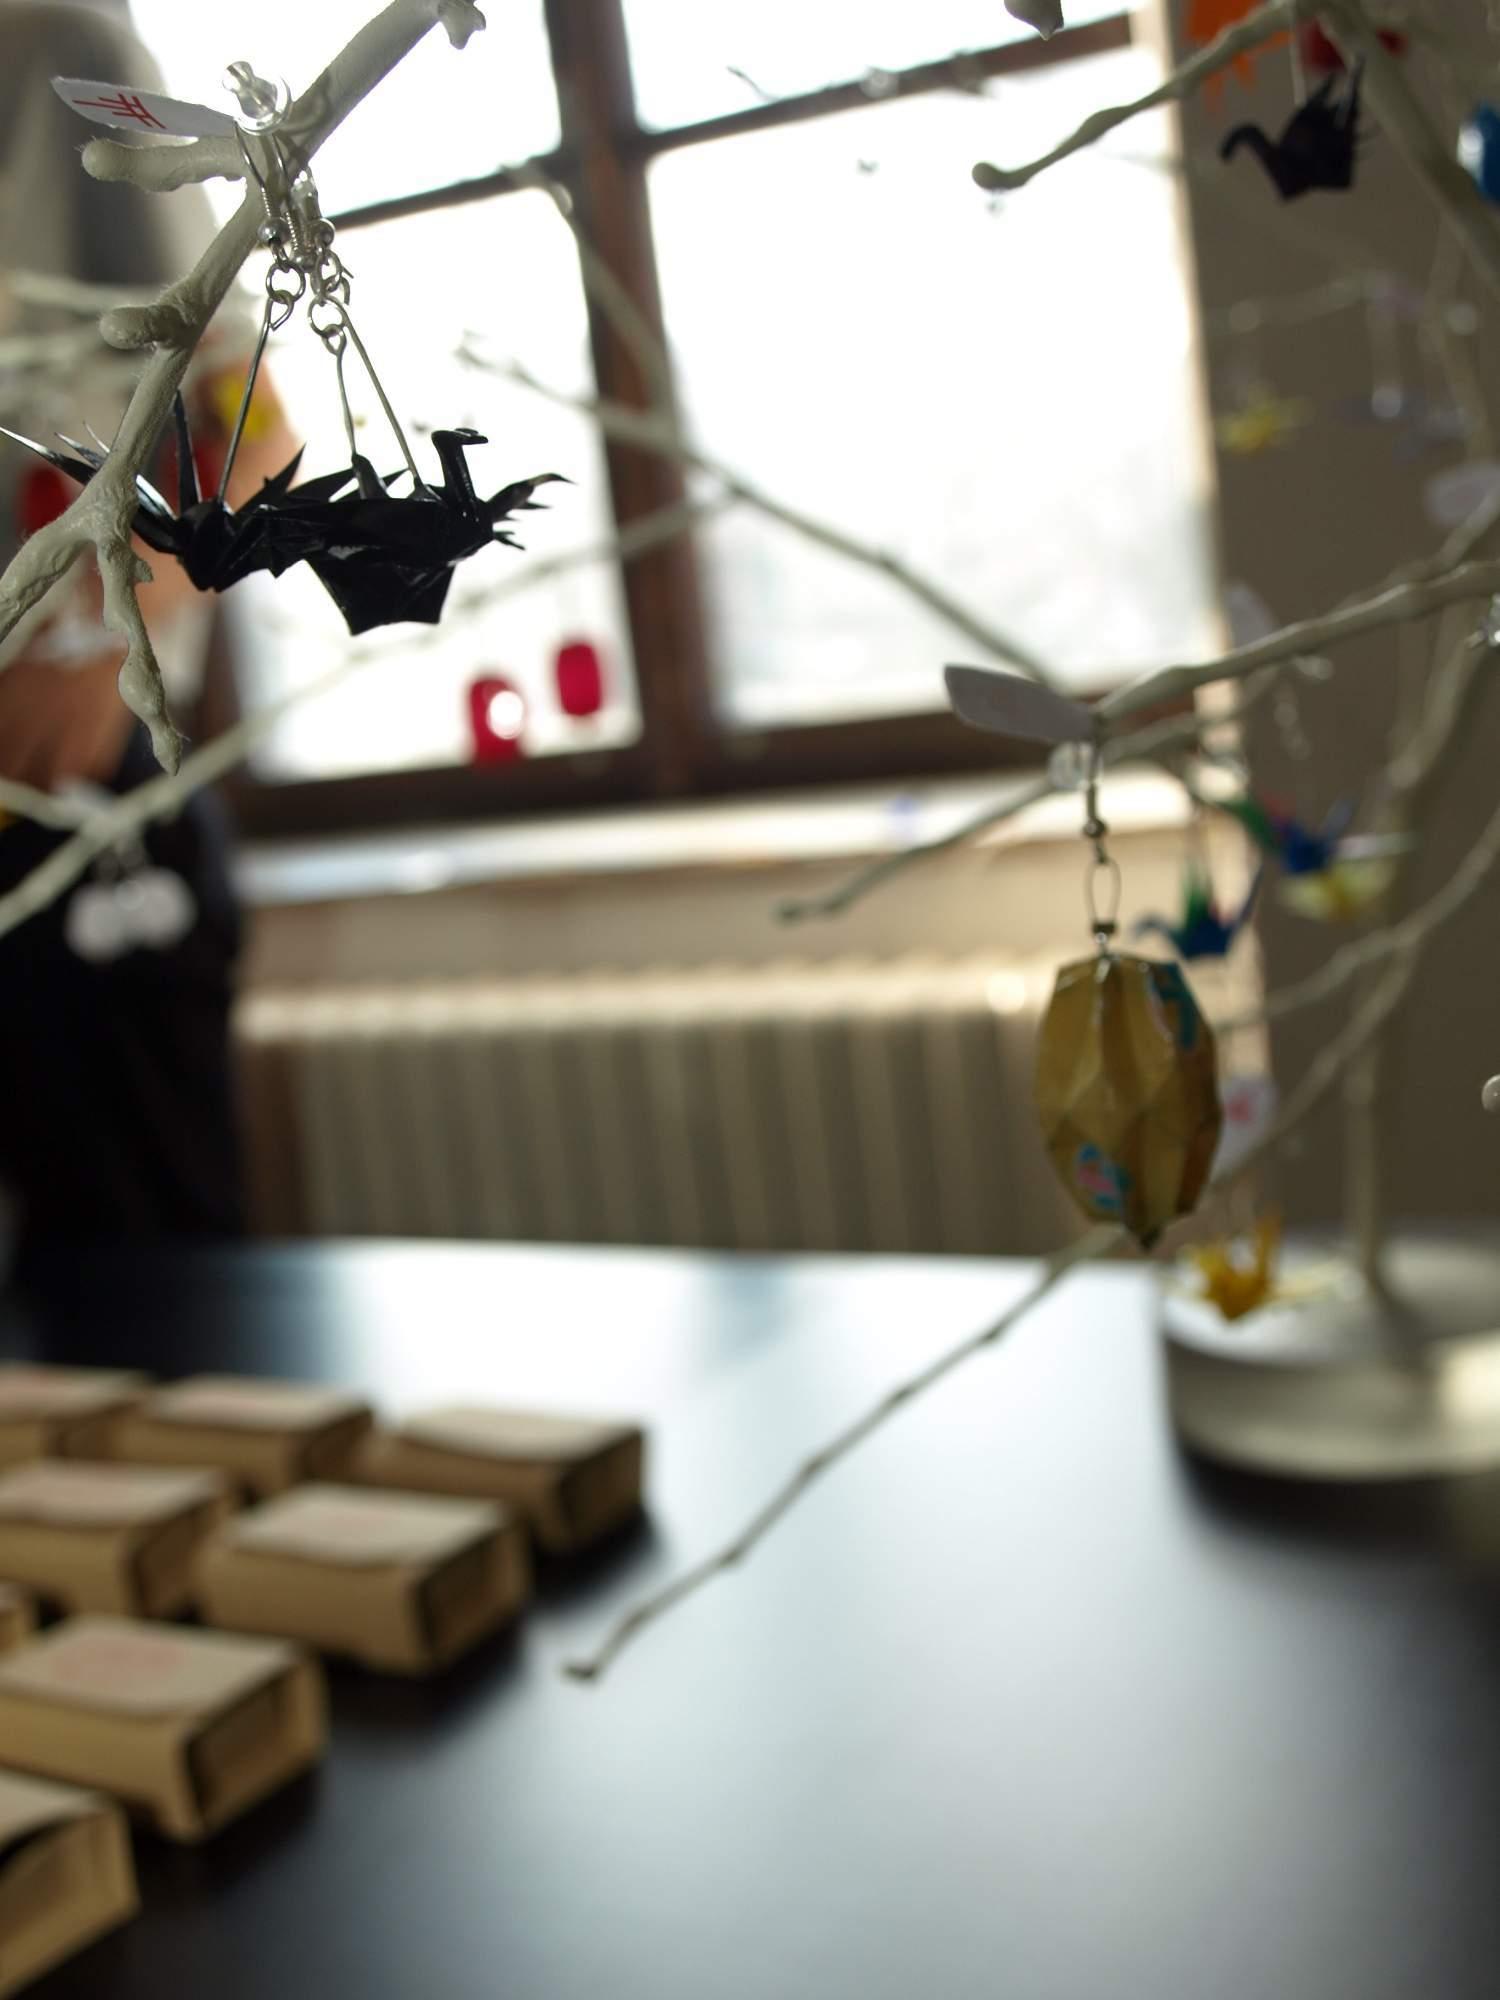 Origami labutě jako náušnice visely stylově na větvičkách. Foto: Bečáková Klára